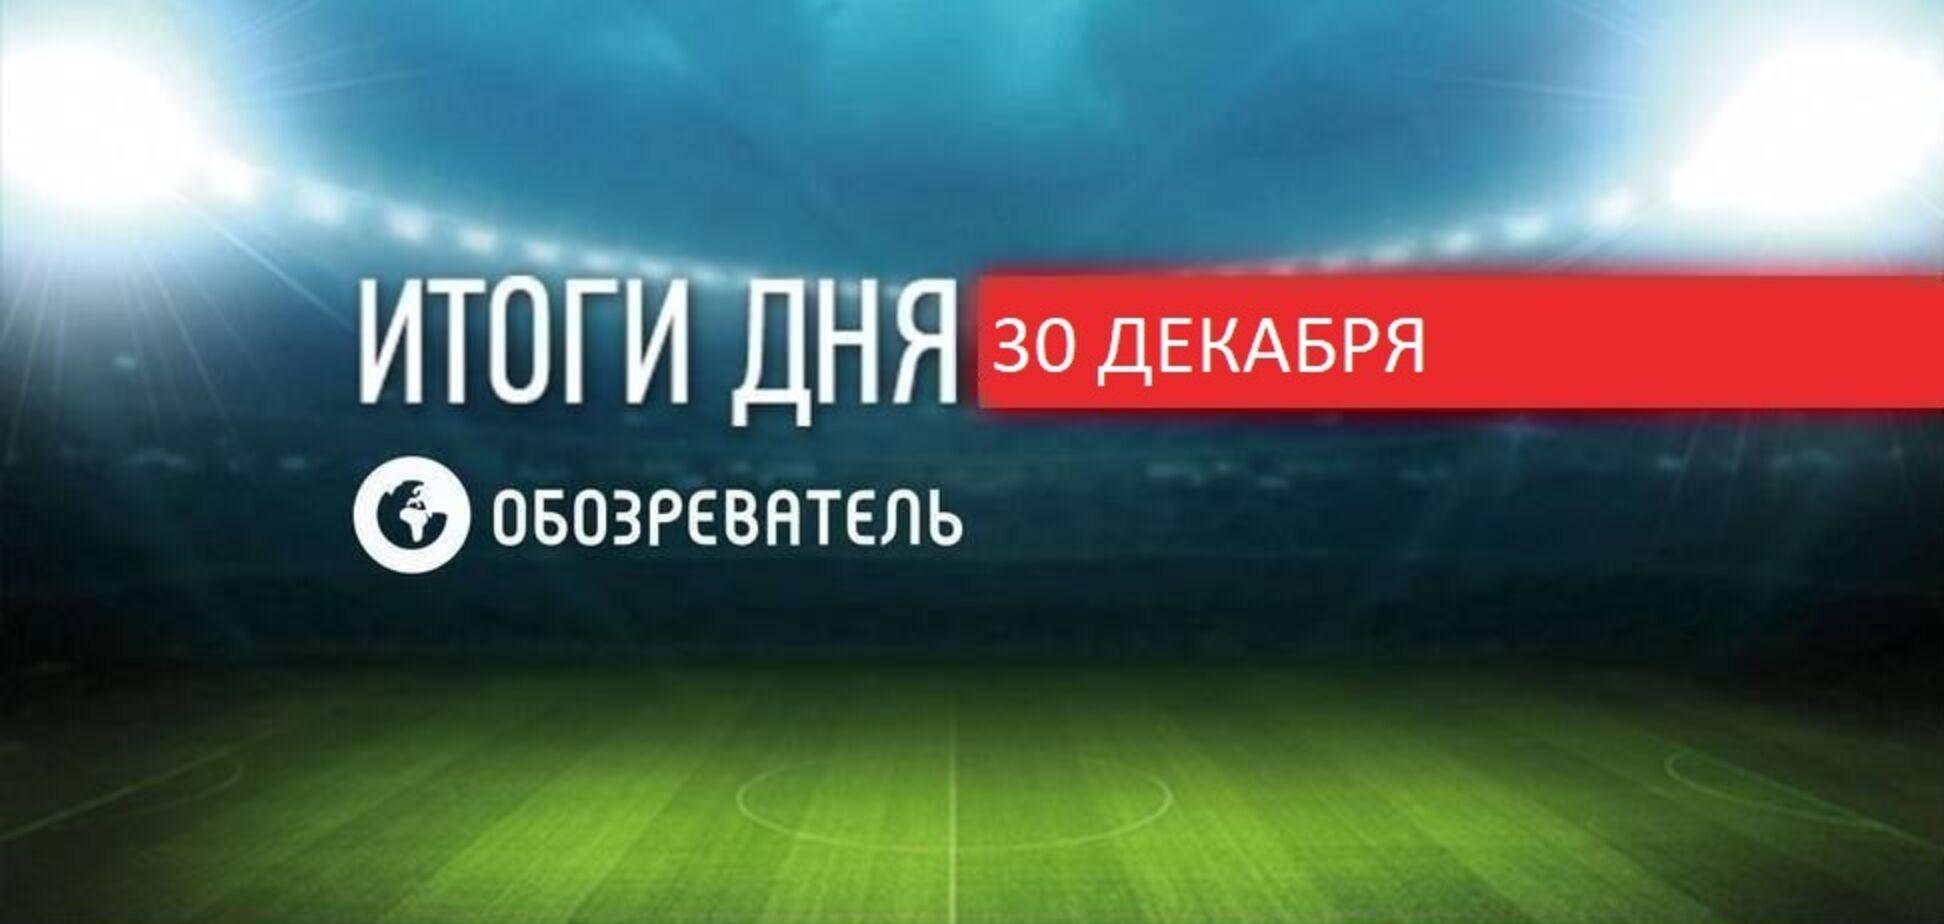 Стали известны первые слова Луческу в 'Динамо': спортивные итоги 30 декабря